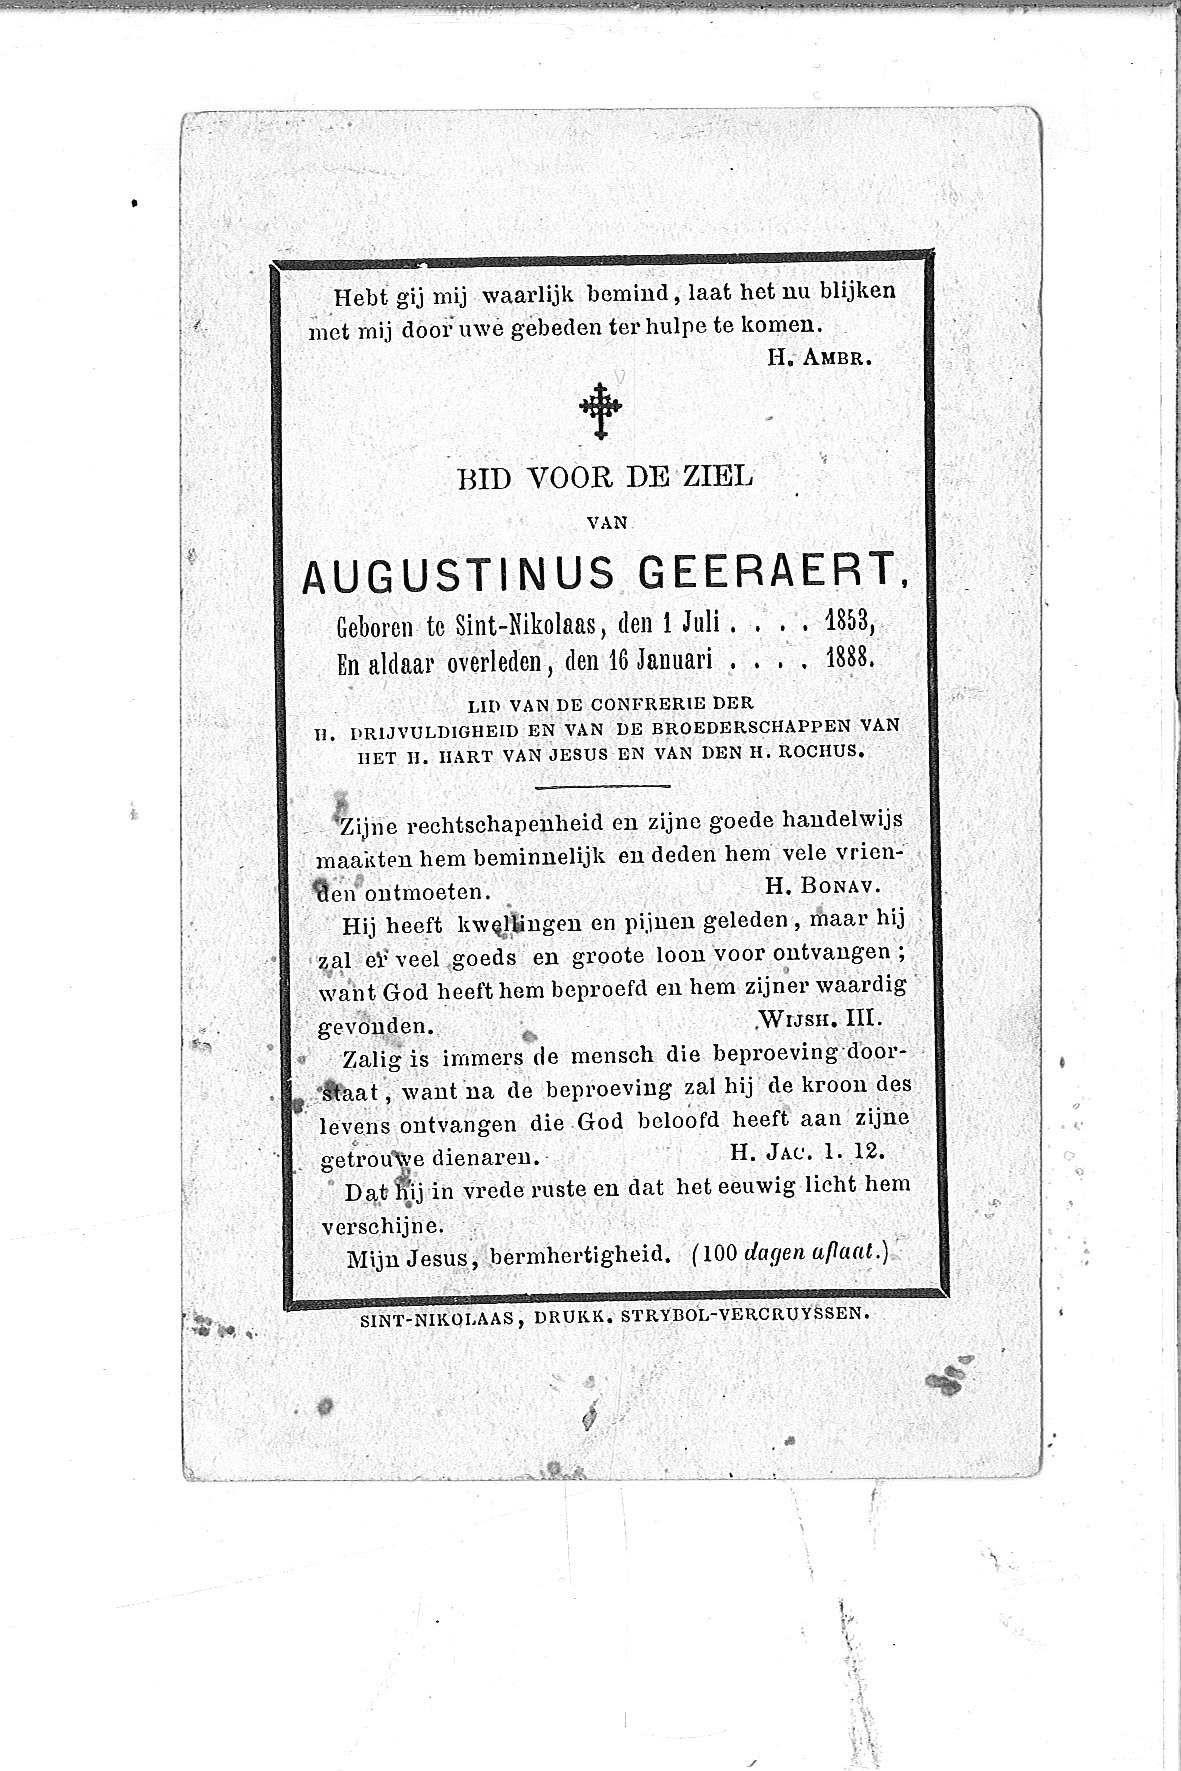 Augustinus(1888)20130820104654_00001.jpg